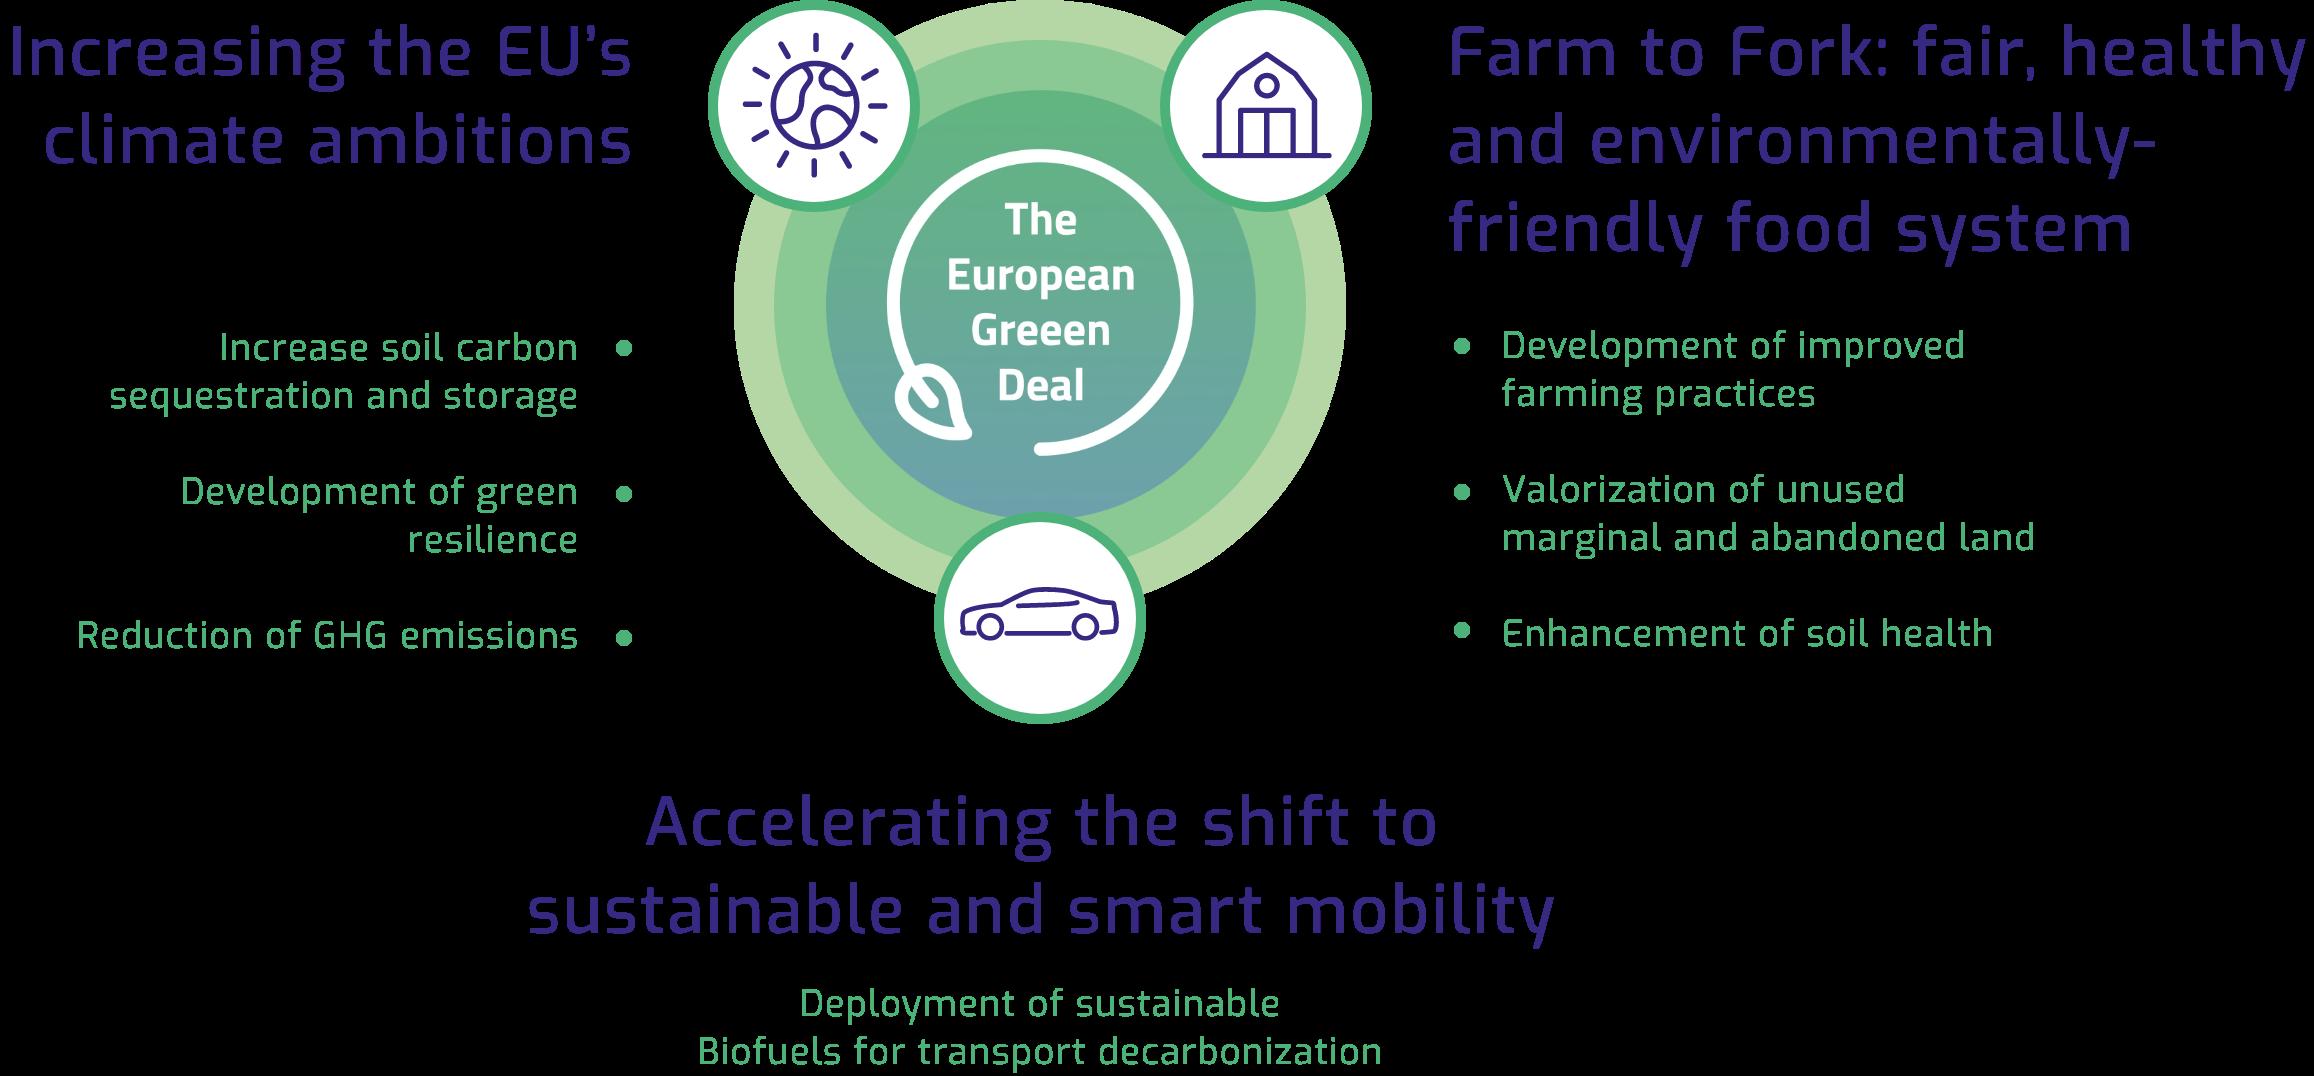 BIKE_Contributing_to_the_EU_Green_Deal_image